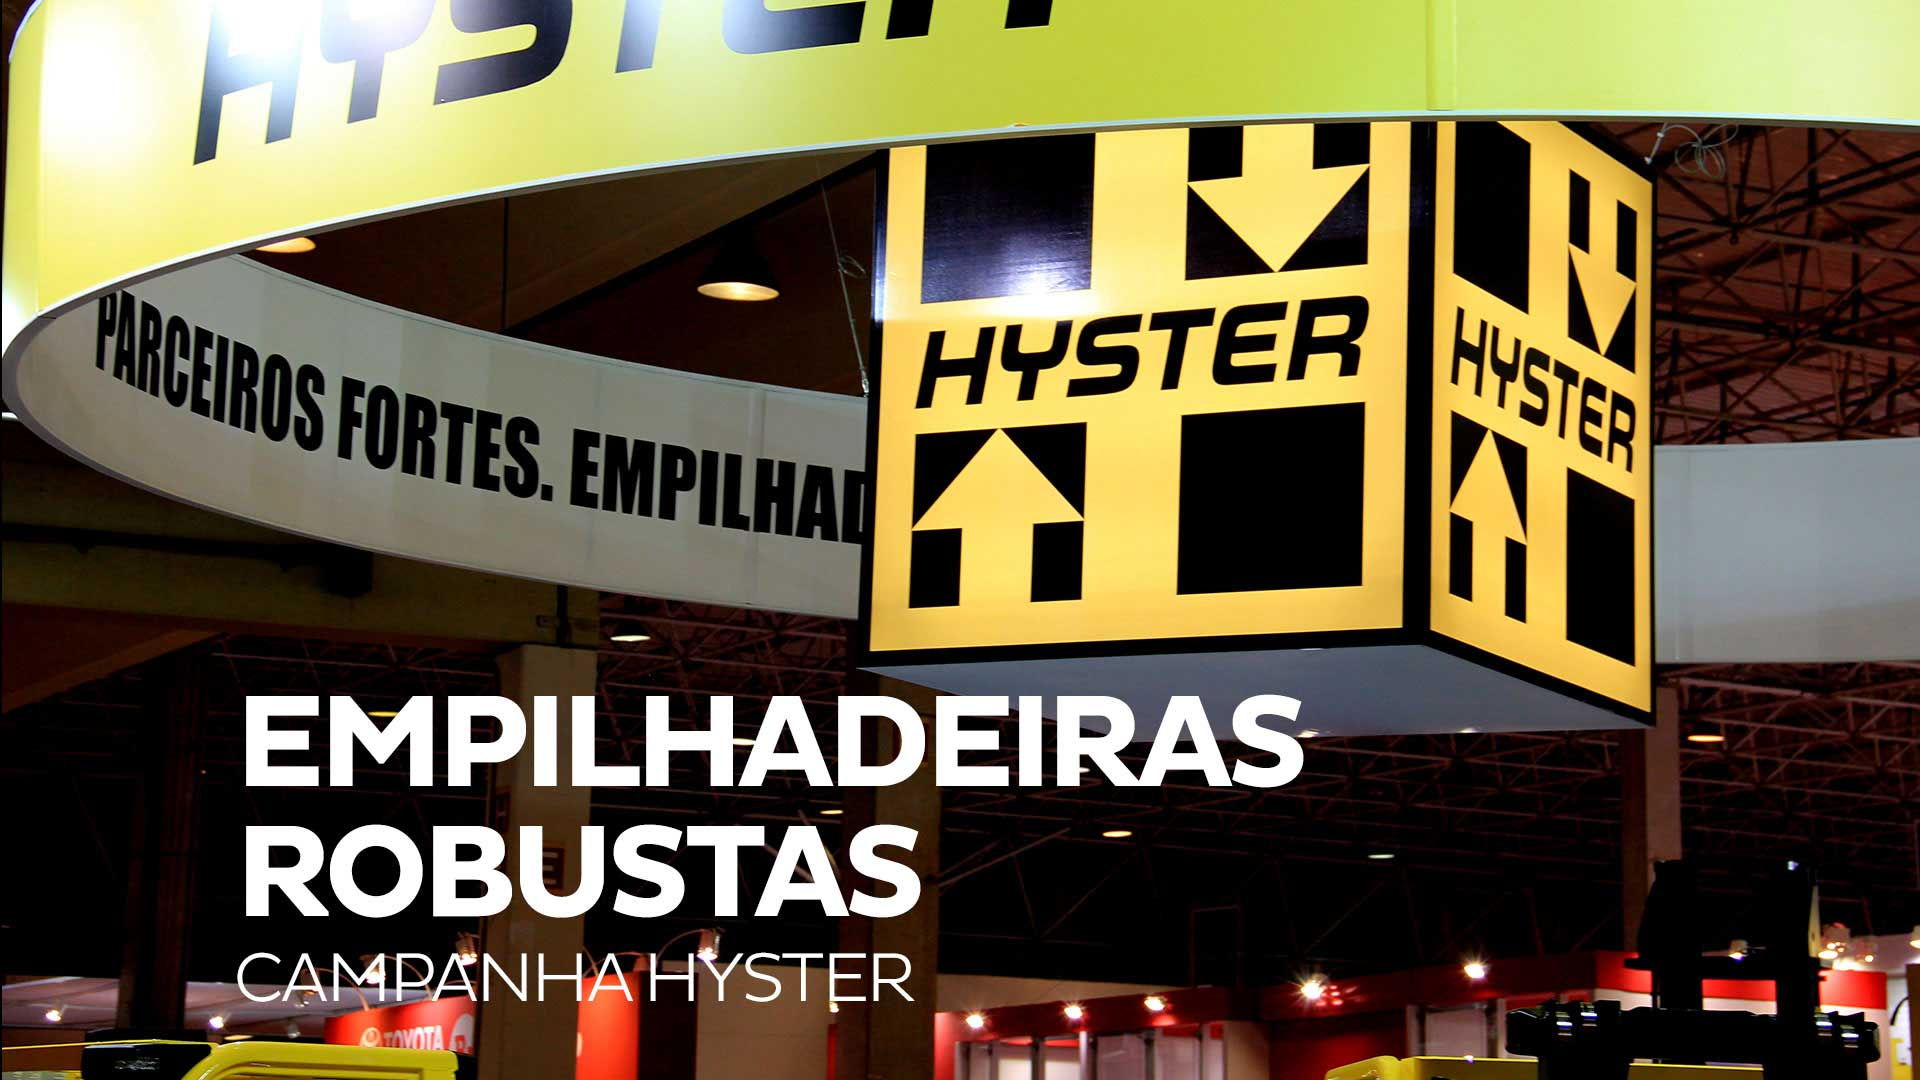 Case Hyster: Parceiros Fortes, Empilhadeiras Robustas